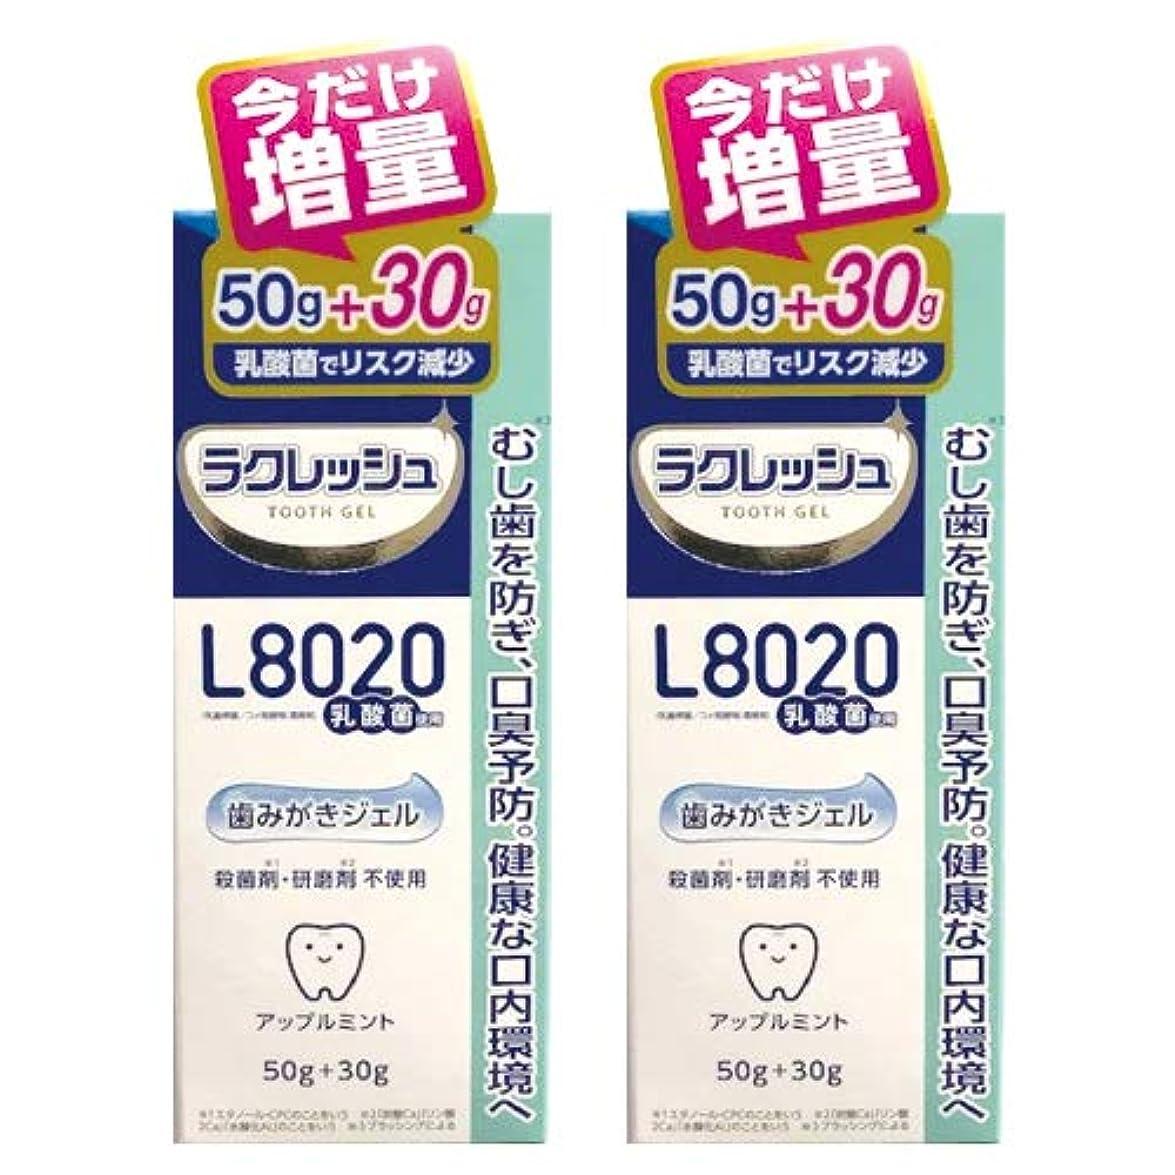 ヒロイック色合い玉ねぎ【増量30g 】ジェクス L8020乳酸菌 ラクレッシュ 歯みがきジェル 80g(50g+30g)×2本セット